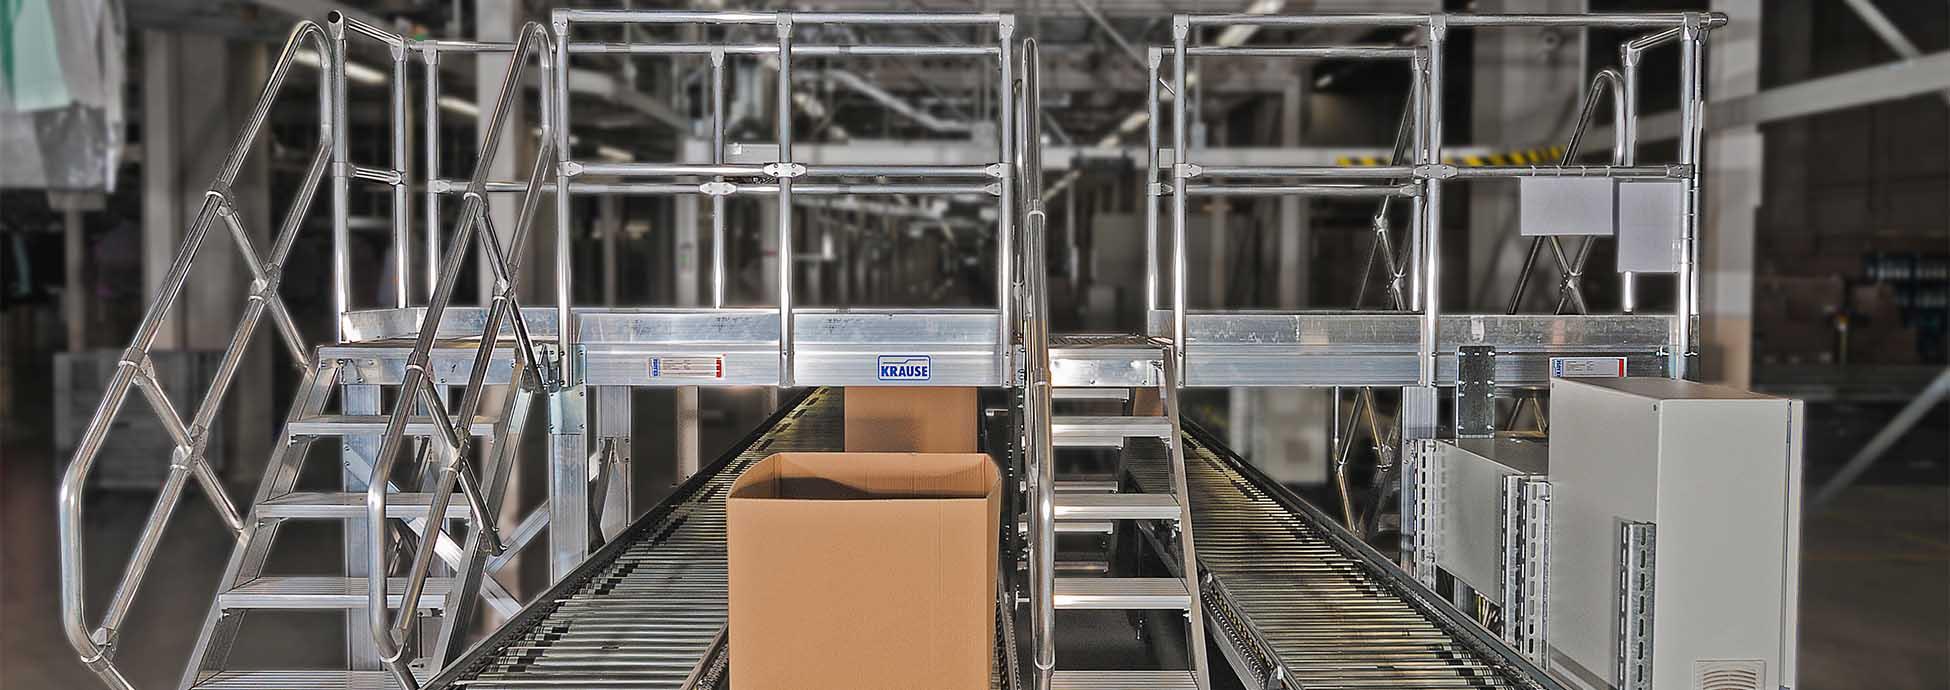 Специальная конструкция для индустрии и производства. Пример: переход через конвейерную ленту